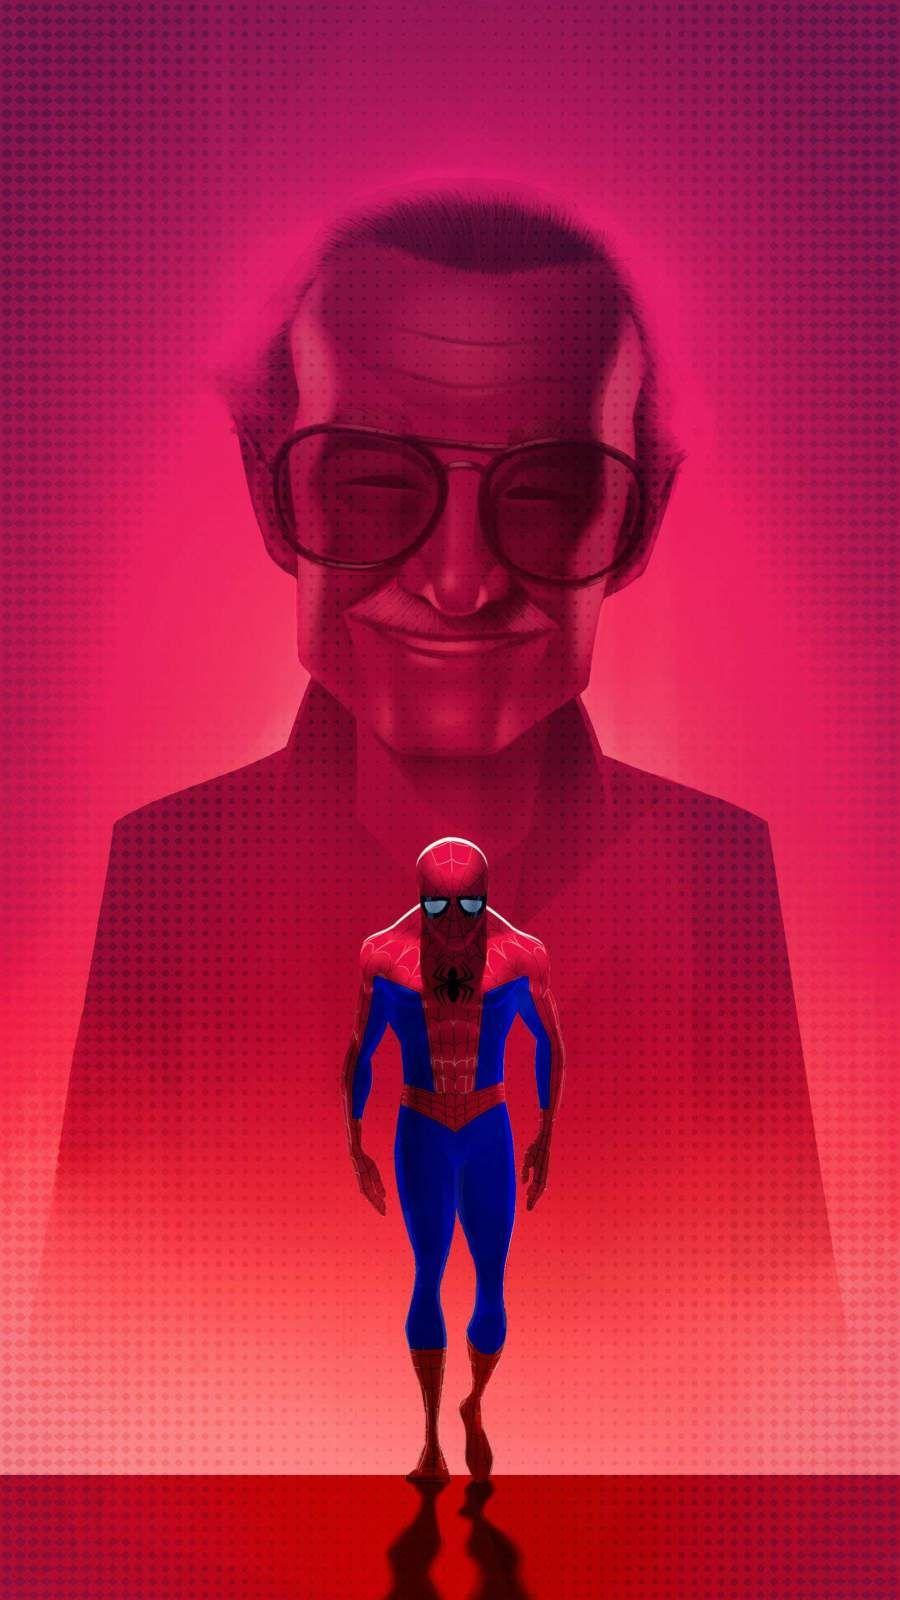 Missing Stan Lee Iphone Wallpaper Marvel Spiderman Marvel Superheroes Marvel Cinematic